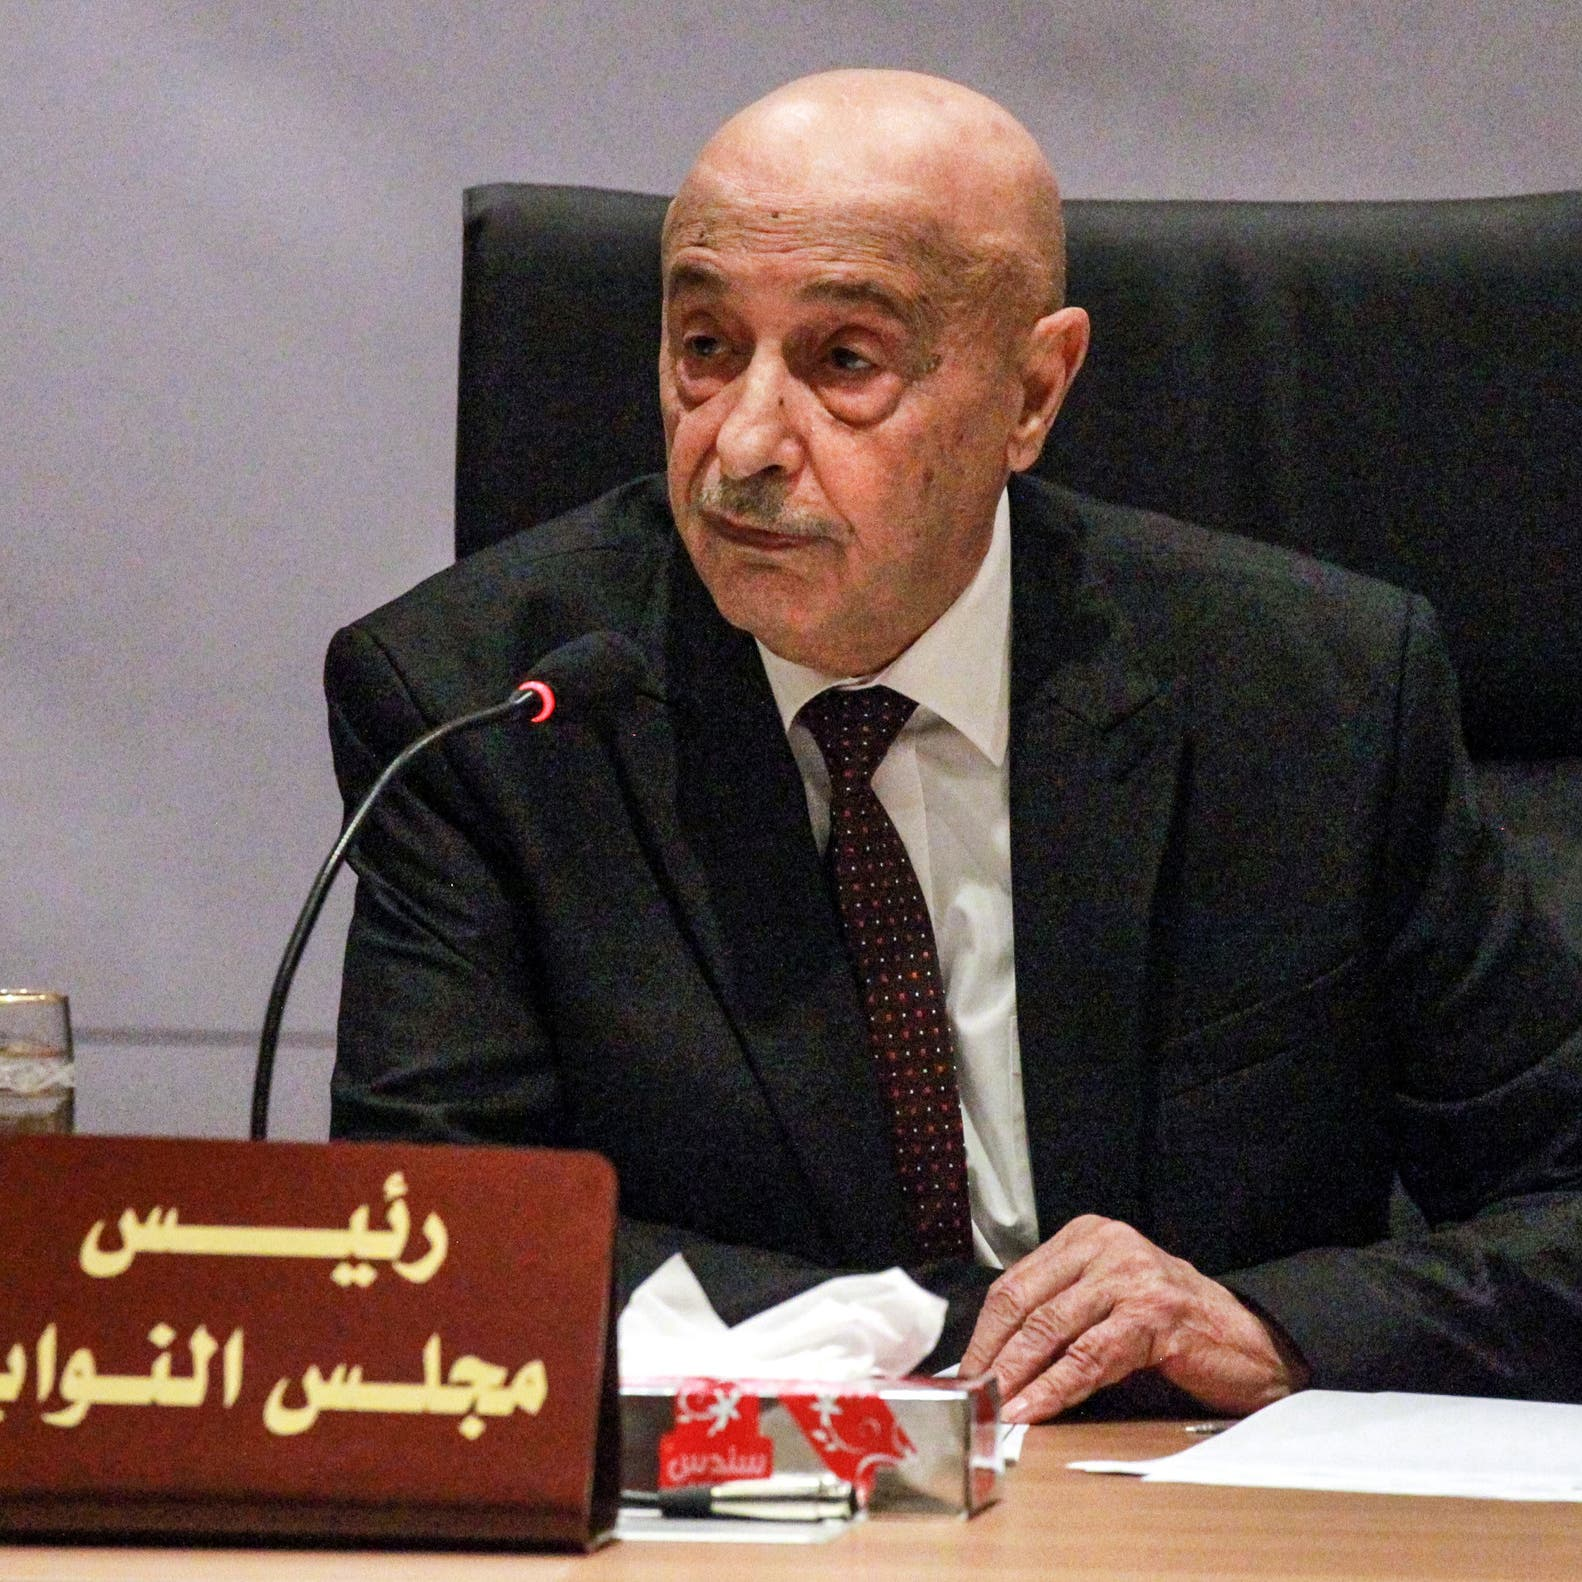 البرلمان الليبي: لا نتسول ولا نتلقى أوامر من تركيا